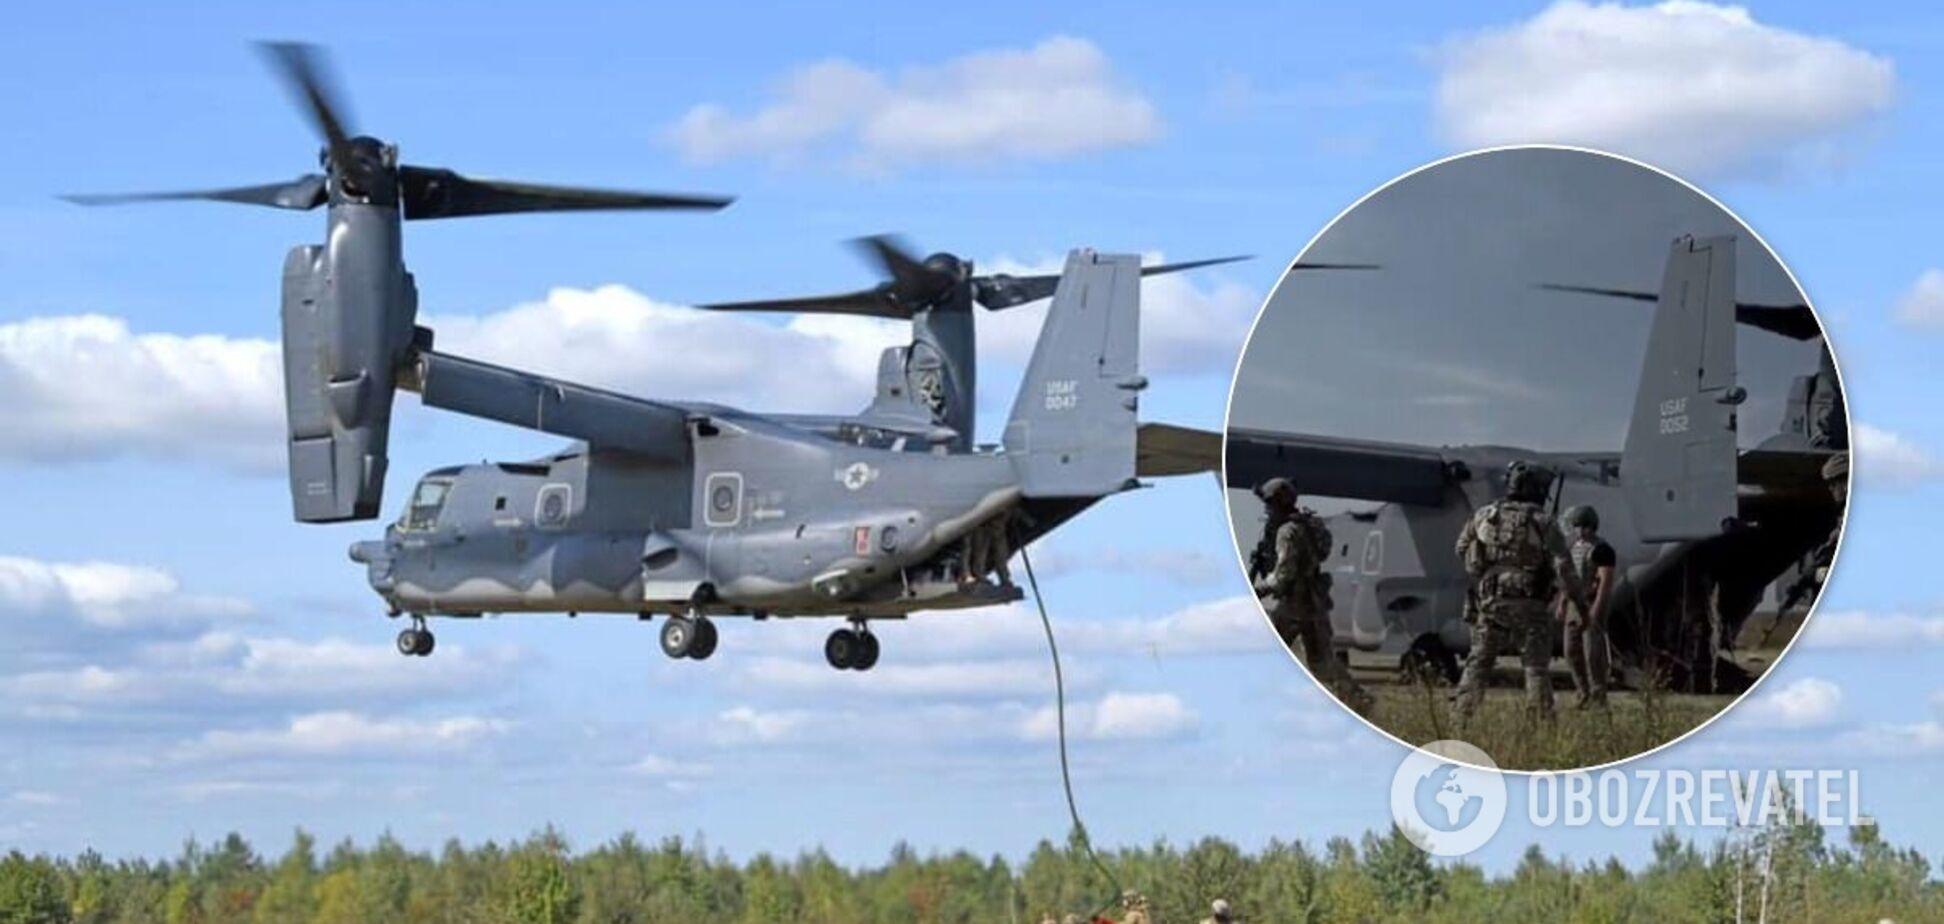 Спецпризначенці ЗСУ показали новий політ на конвертоплані НАТО